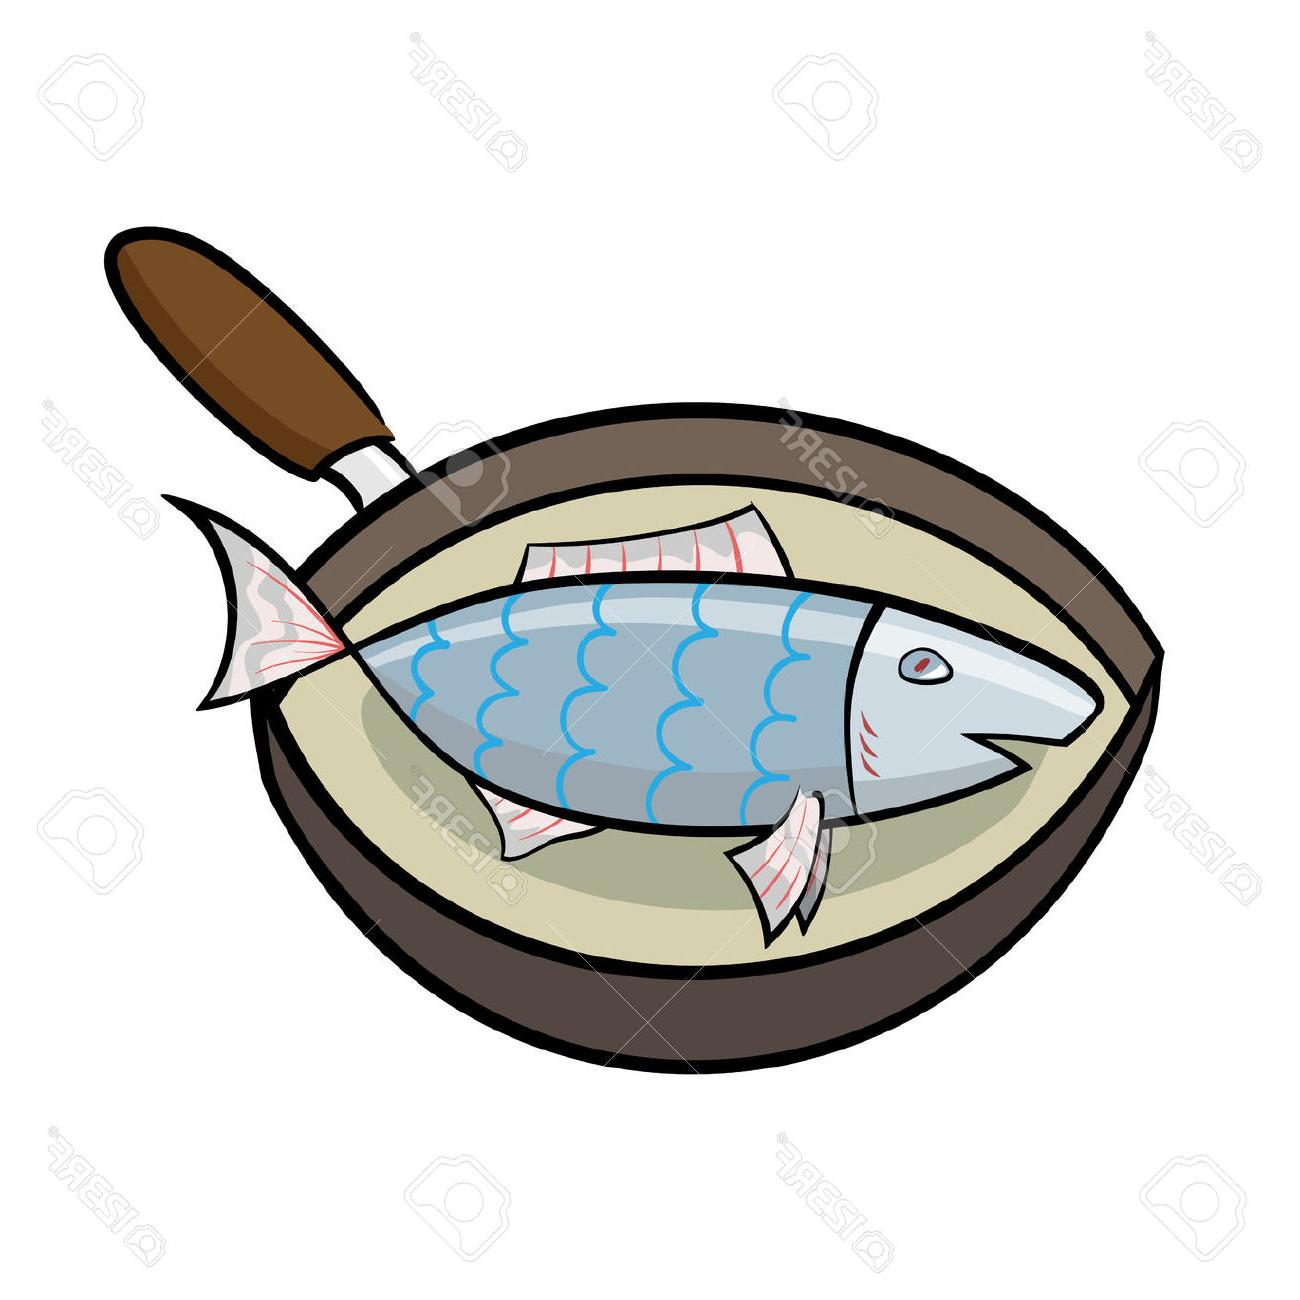 1300x1300 Best Cartoon Cooking Fish In Frying Pan Stock Vector Image